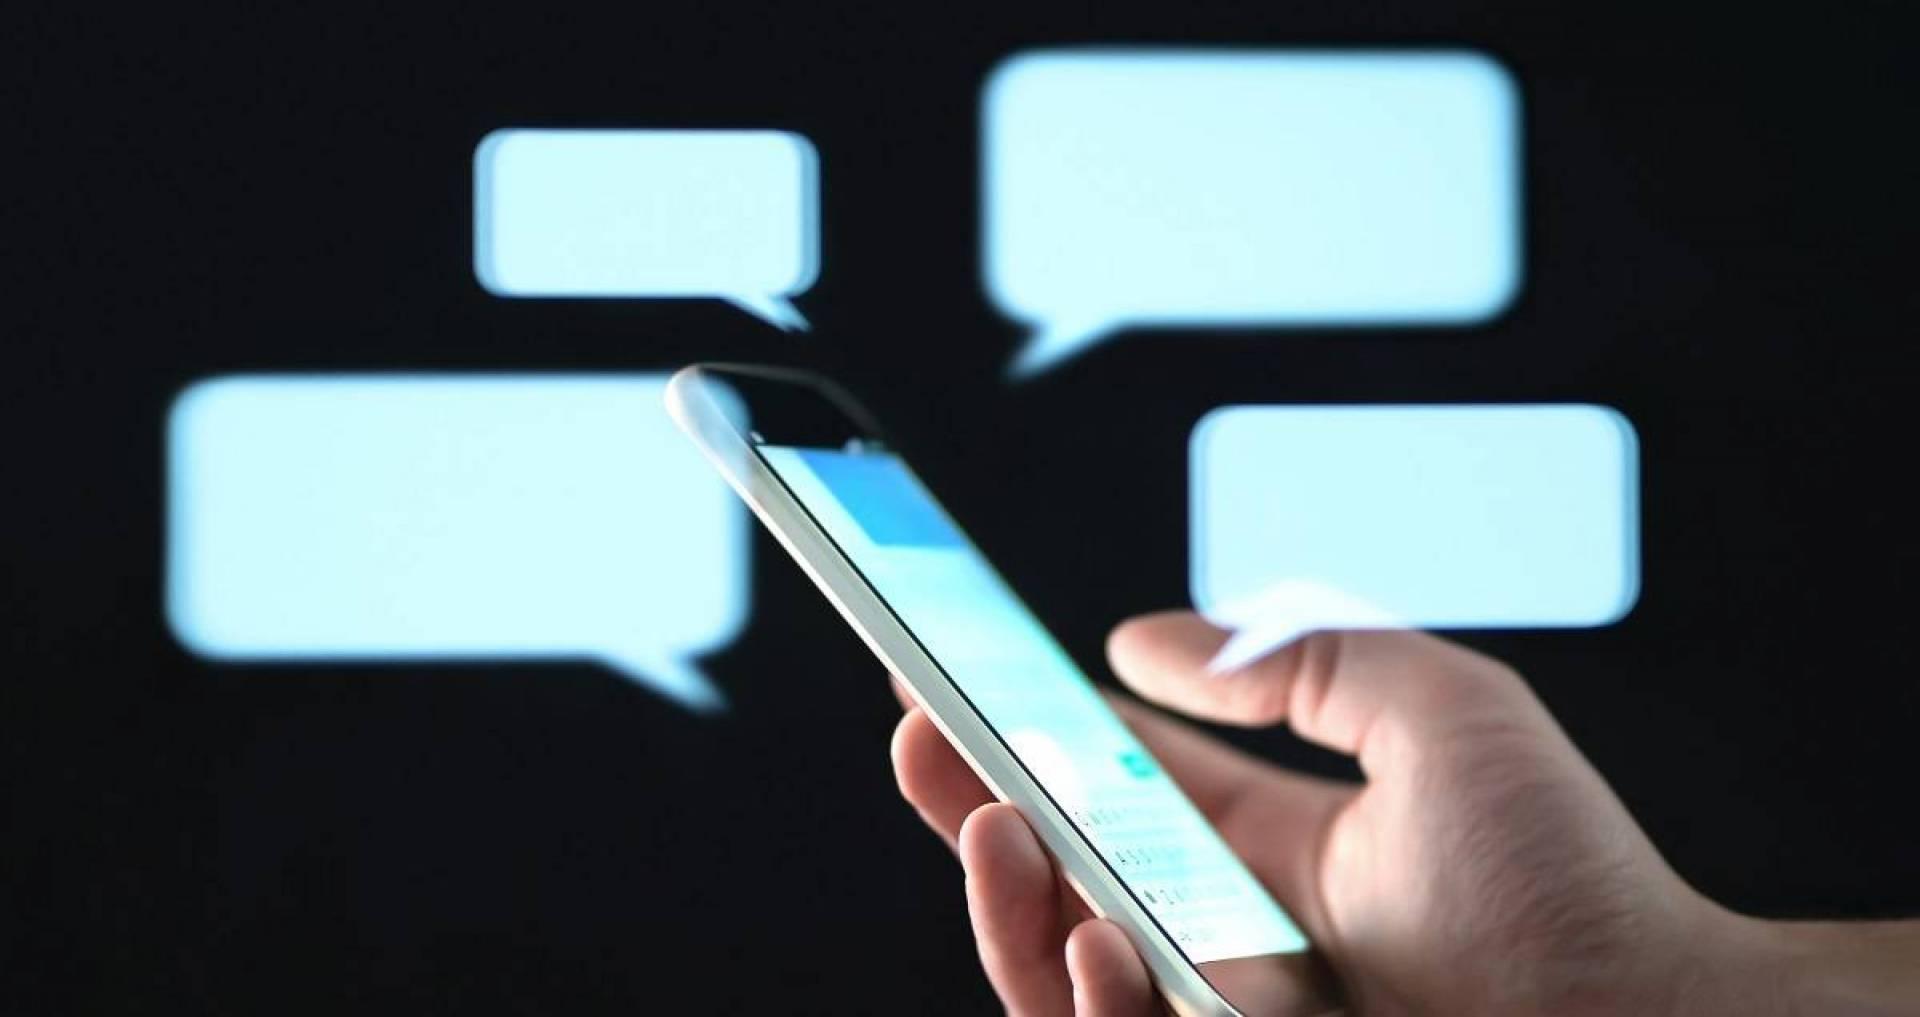 خلل تقني يرسل آلاف الرسائل النصية الغامضة